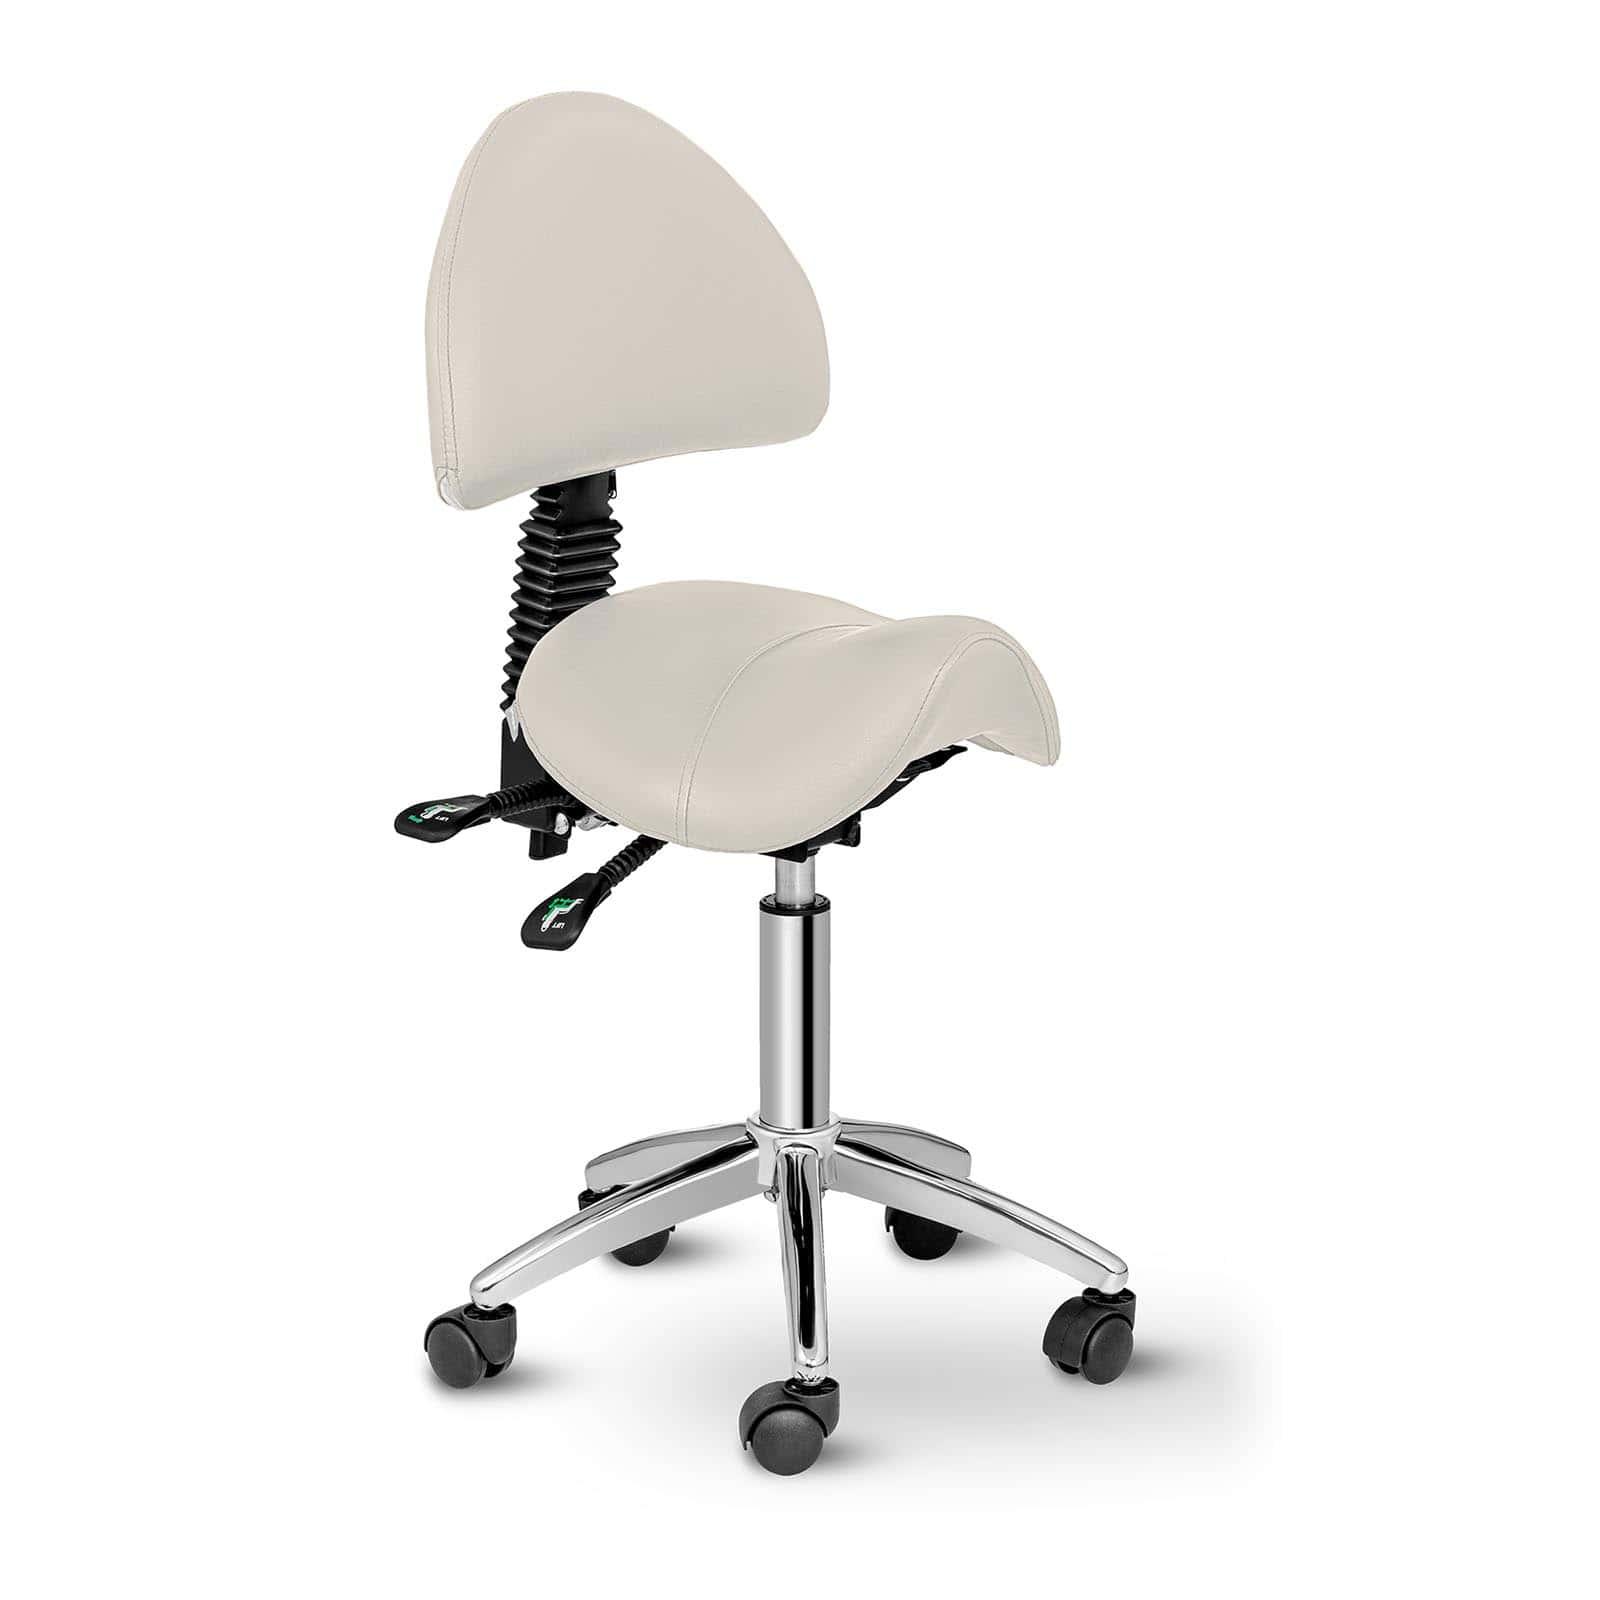 Krzesło siodłowe Berlin - beżowe - oparcie